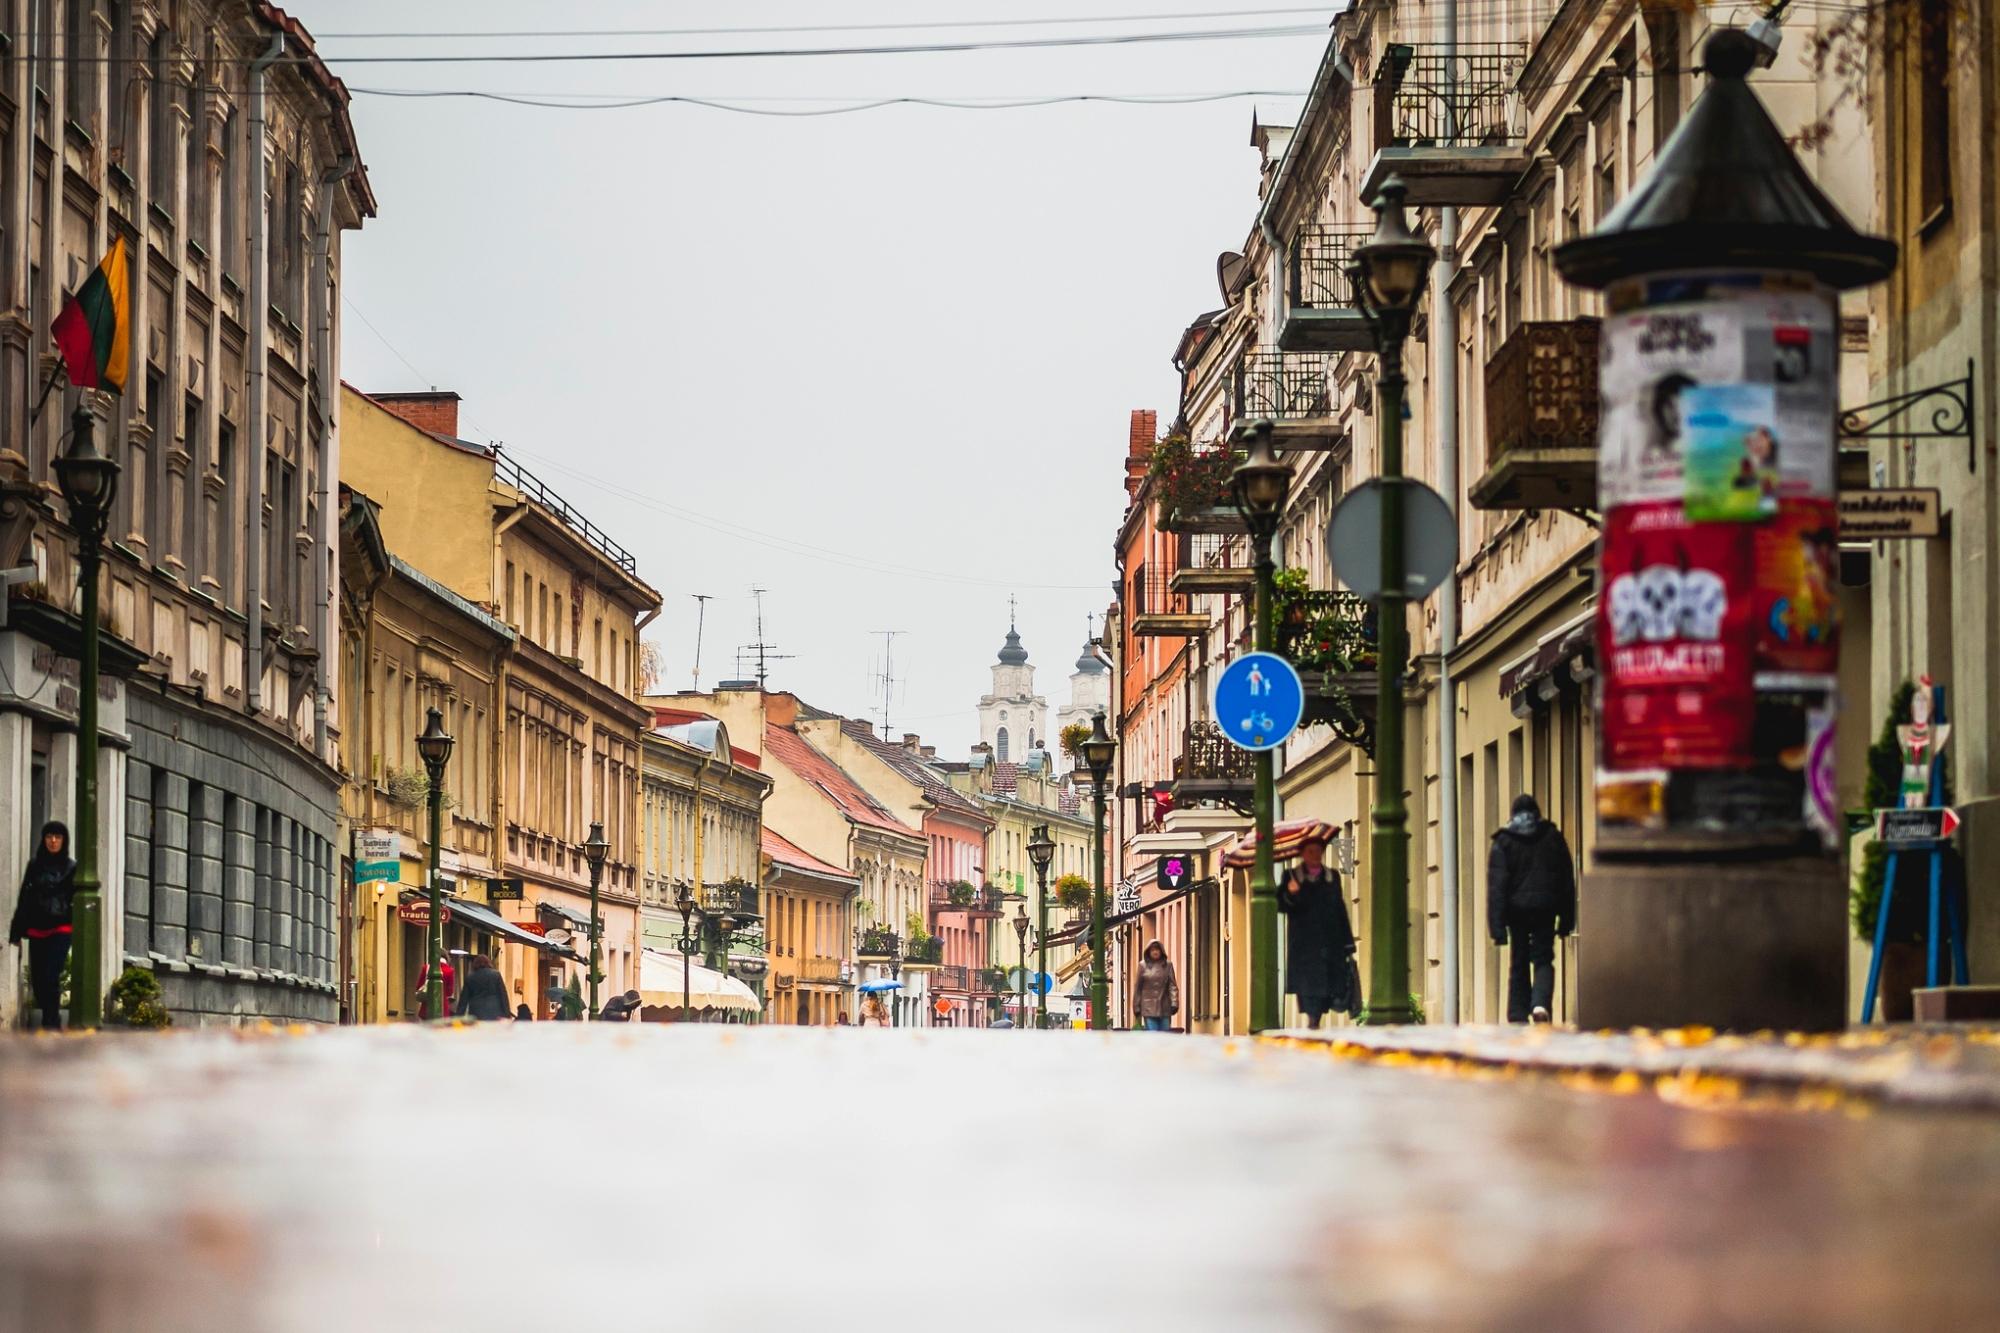 Центр города улочка памятник скачать